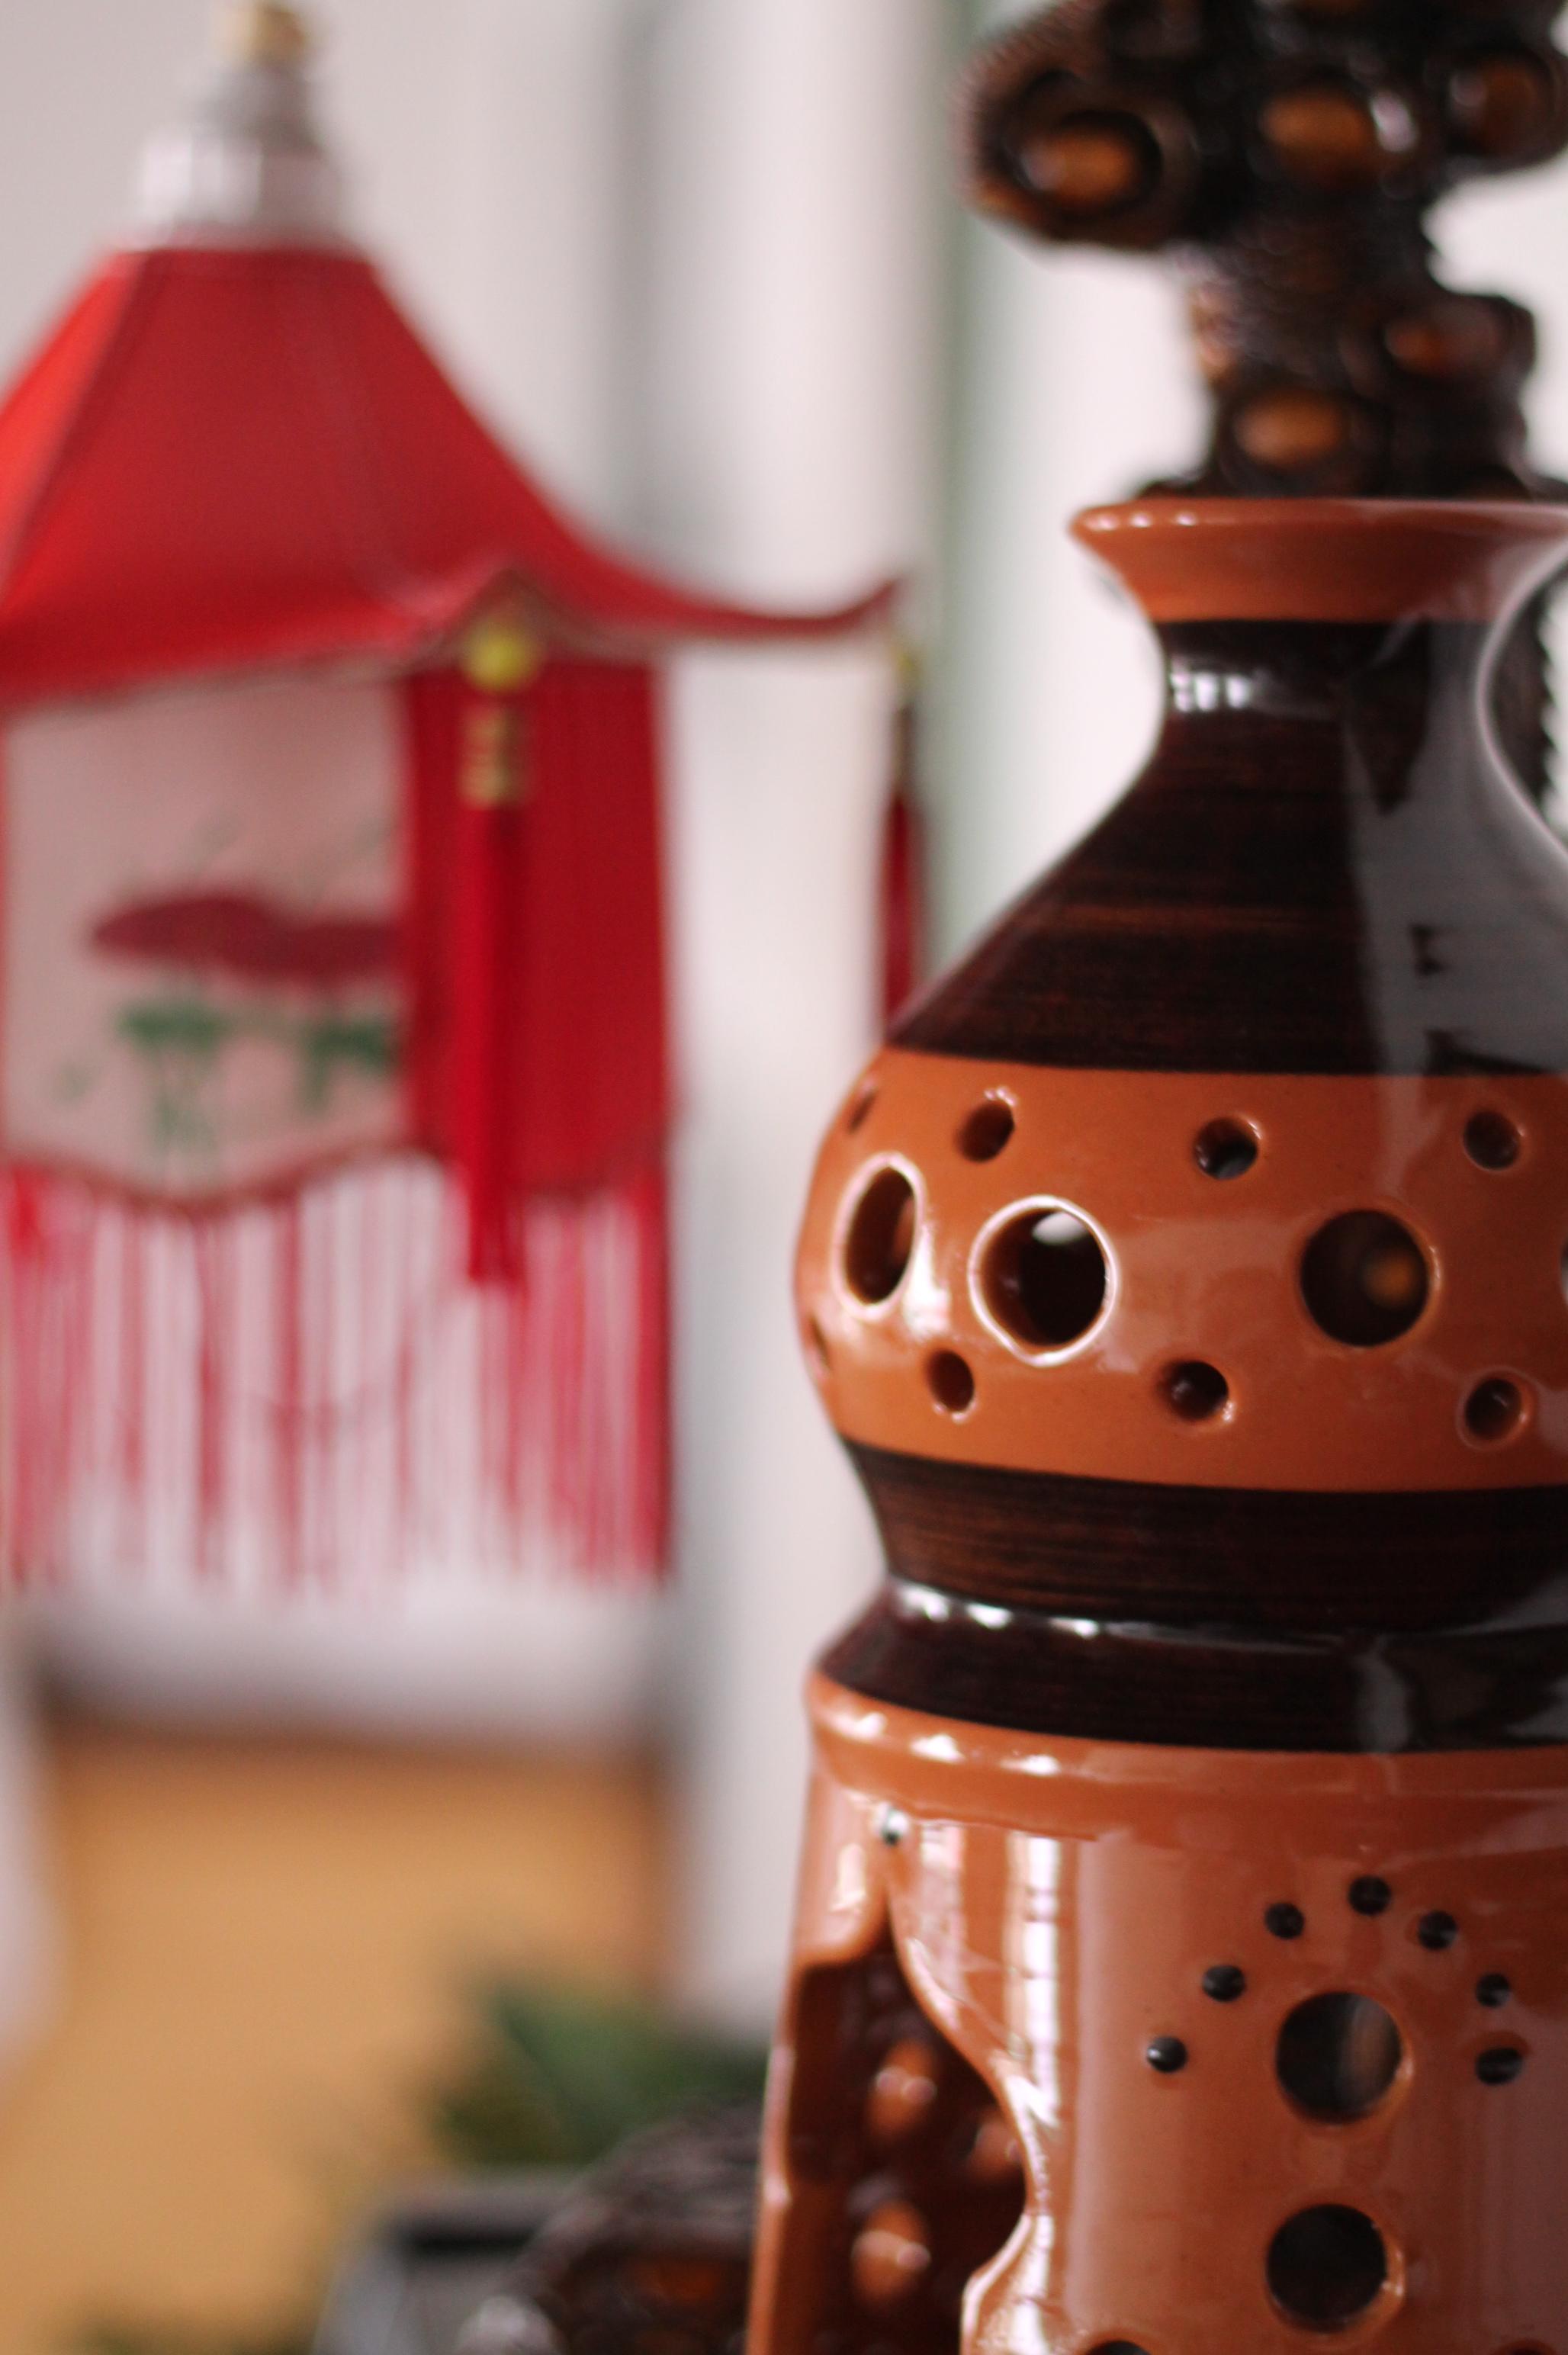 Telysholder fra Zorba - I 1990 overtok Tony Lim den greske restauranten Zorba som lå i Havnegata. Etter to års drift leide han lokalet ut til diskoteket Helten John, og mange av Zorbas gjenstander ble flyttet opp til hovedrestauranten Ting Hai på Gamle Bondeheimen.